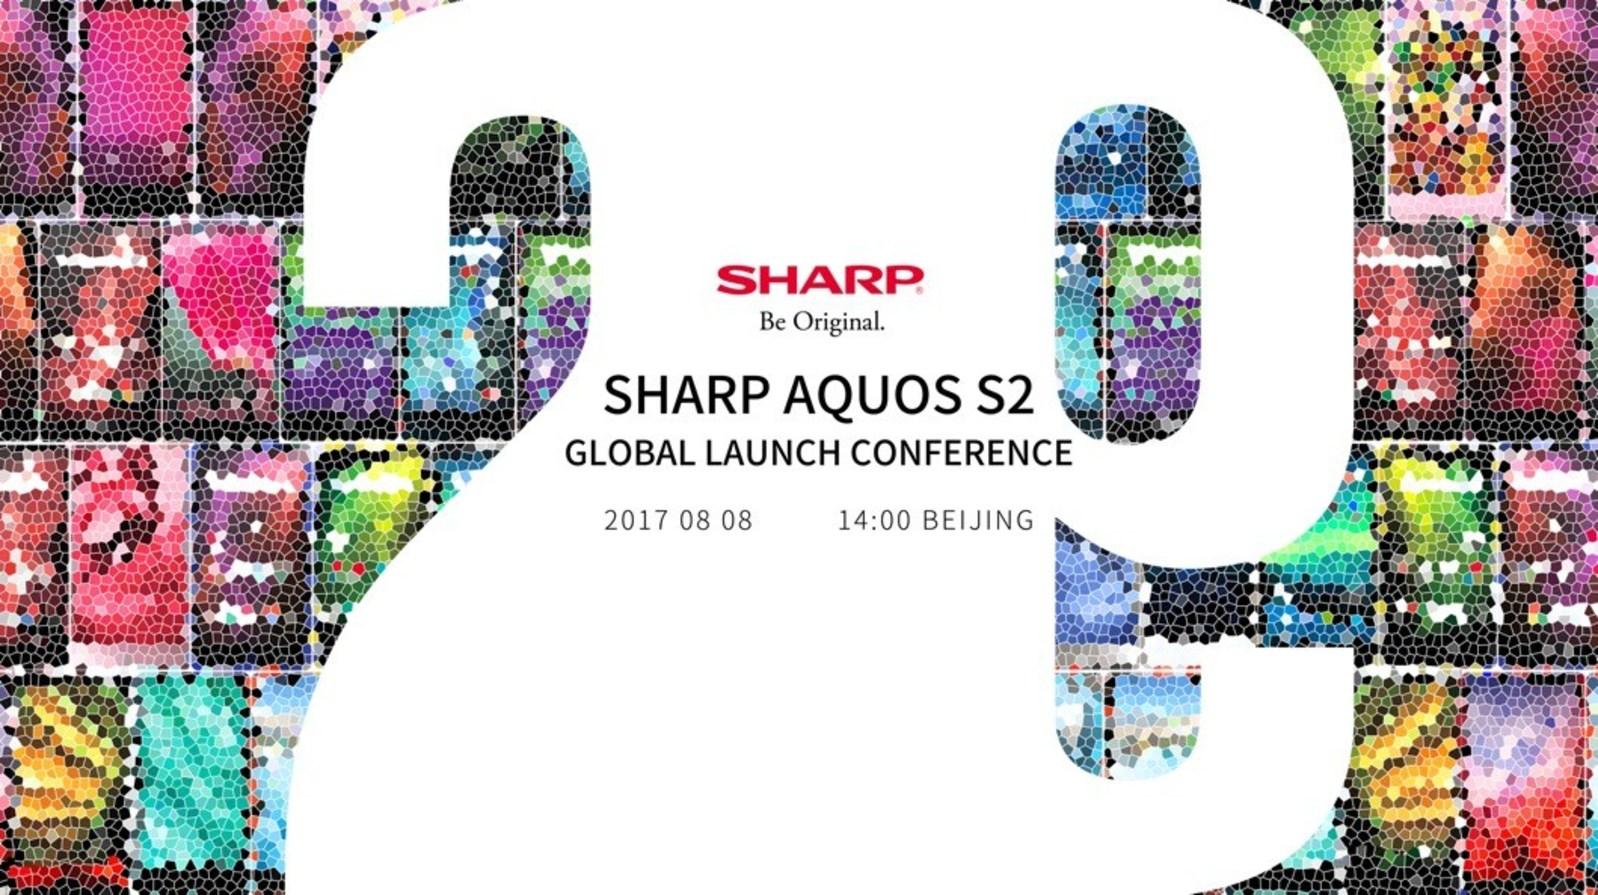 シャープ、フルスクリーンスマートフォン「AQUOS S2」を中国で8月8日に発表